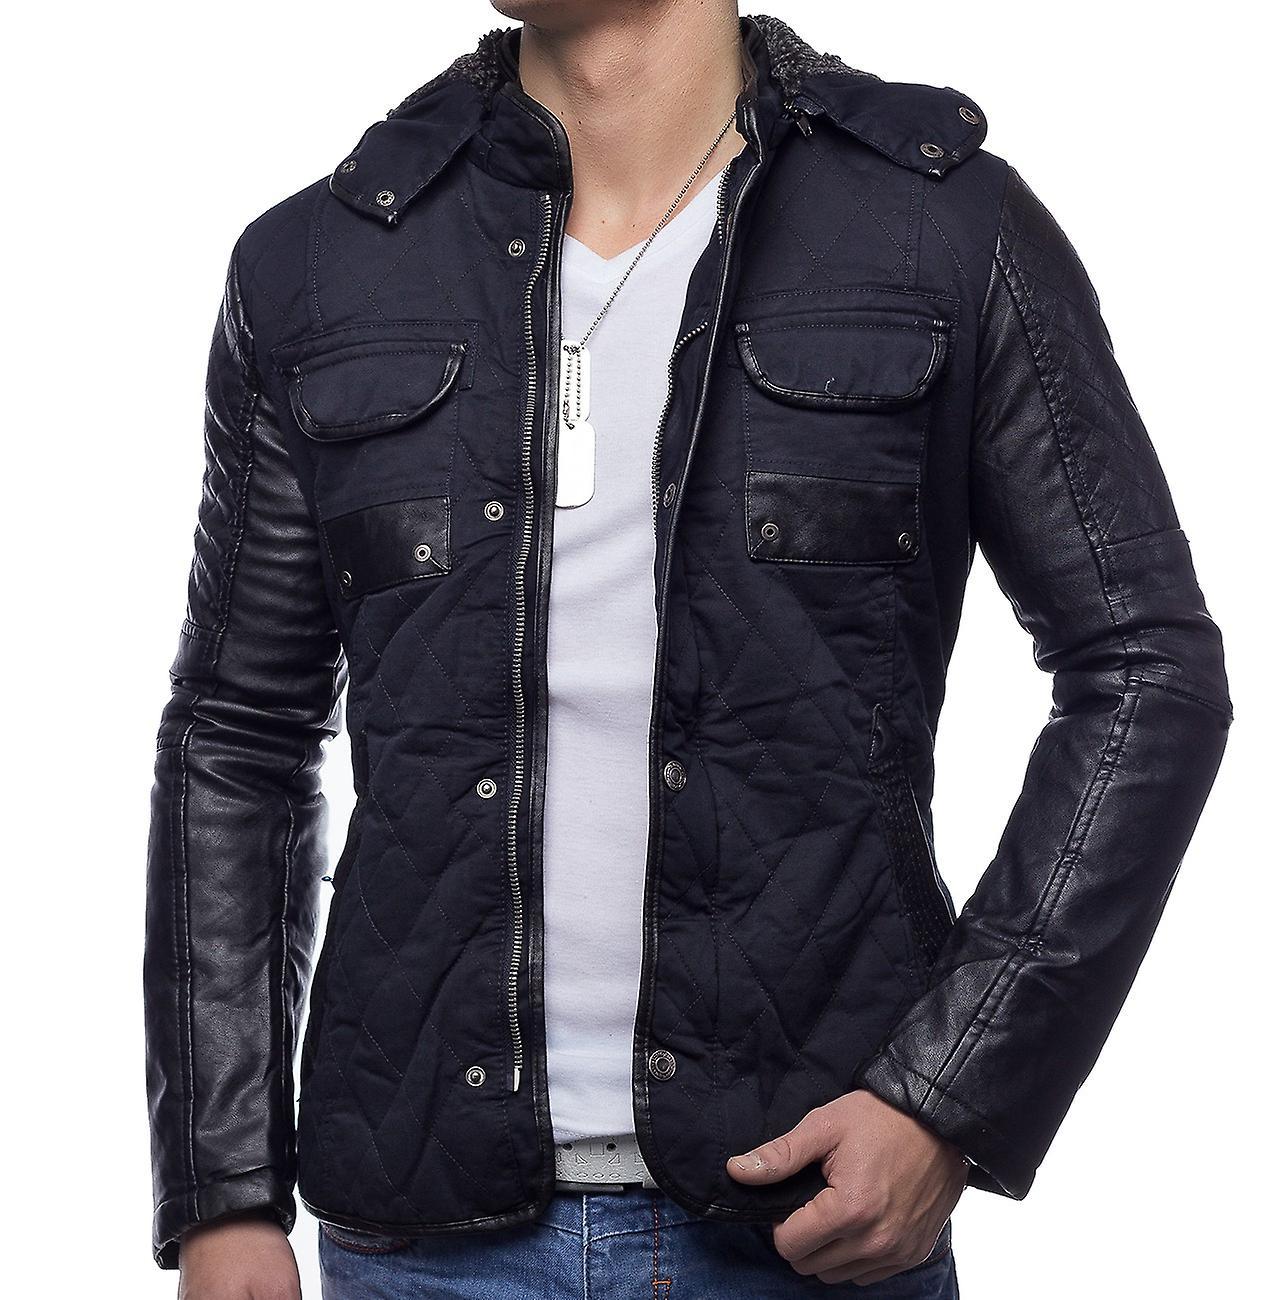 Manches de hommes hiver Veste noirmount veste en cuir matelassé capuche doubleure chaude